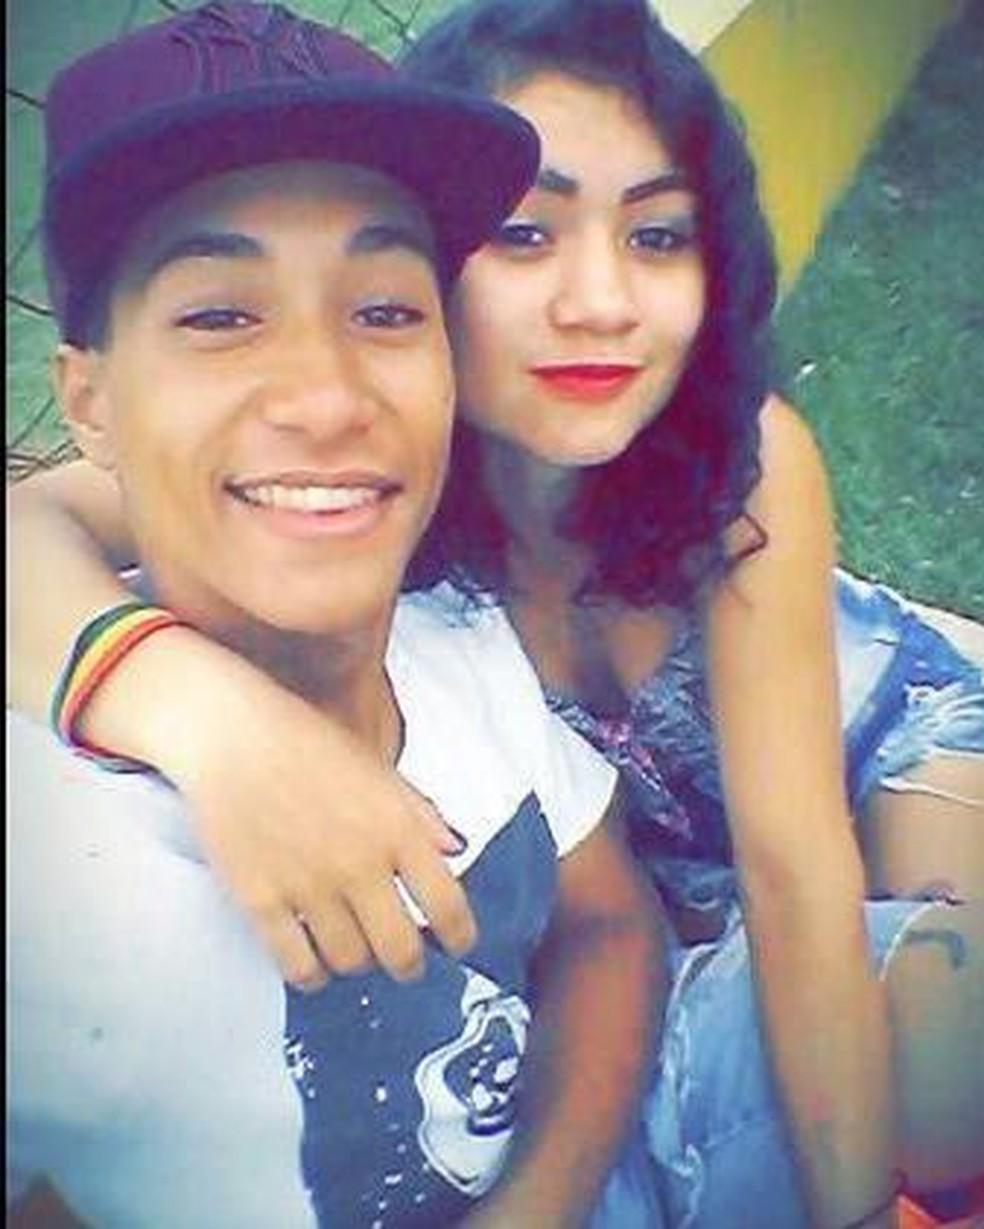 Jovem declara amor por namorada que ele matou após esganá-la com uma corrente de cachorro, em Sidrolândia. — Foto: Facebook/Reprodução